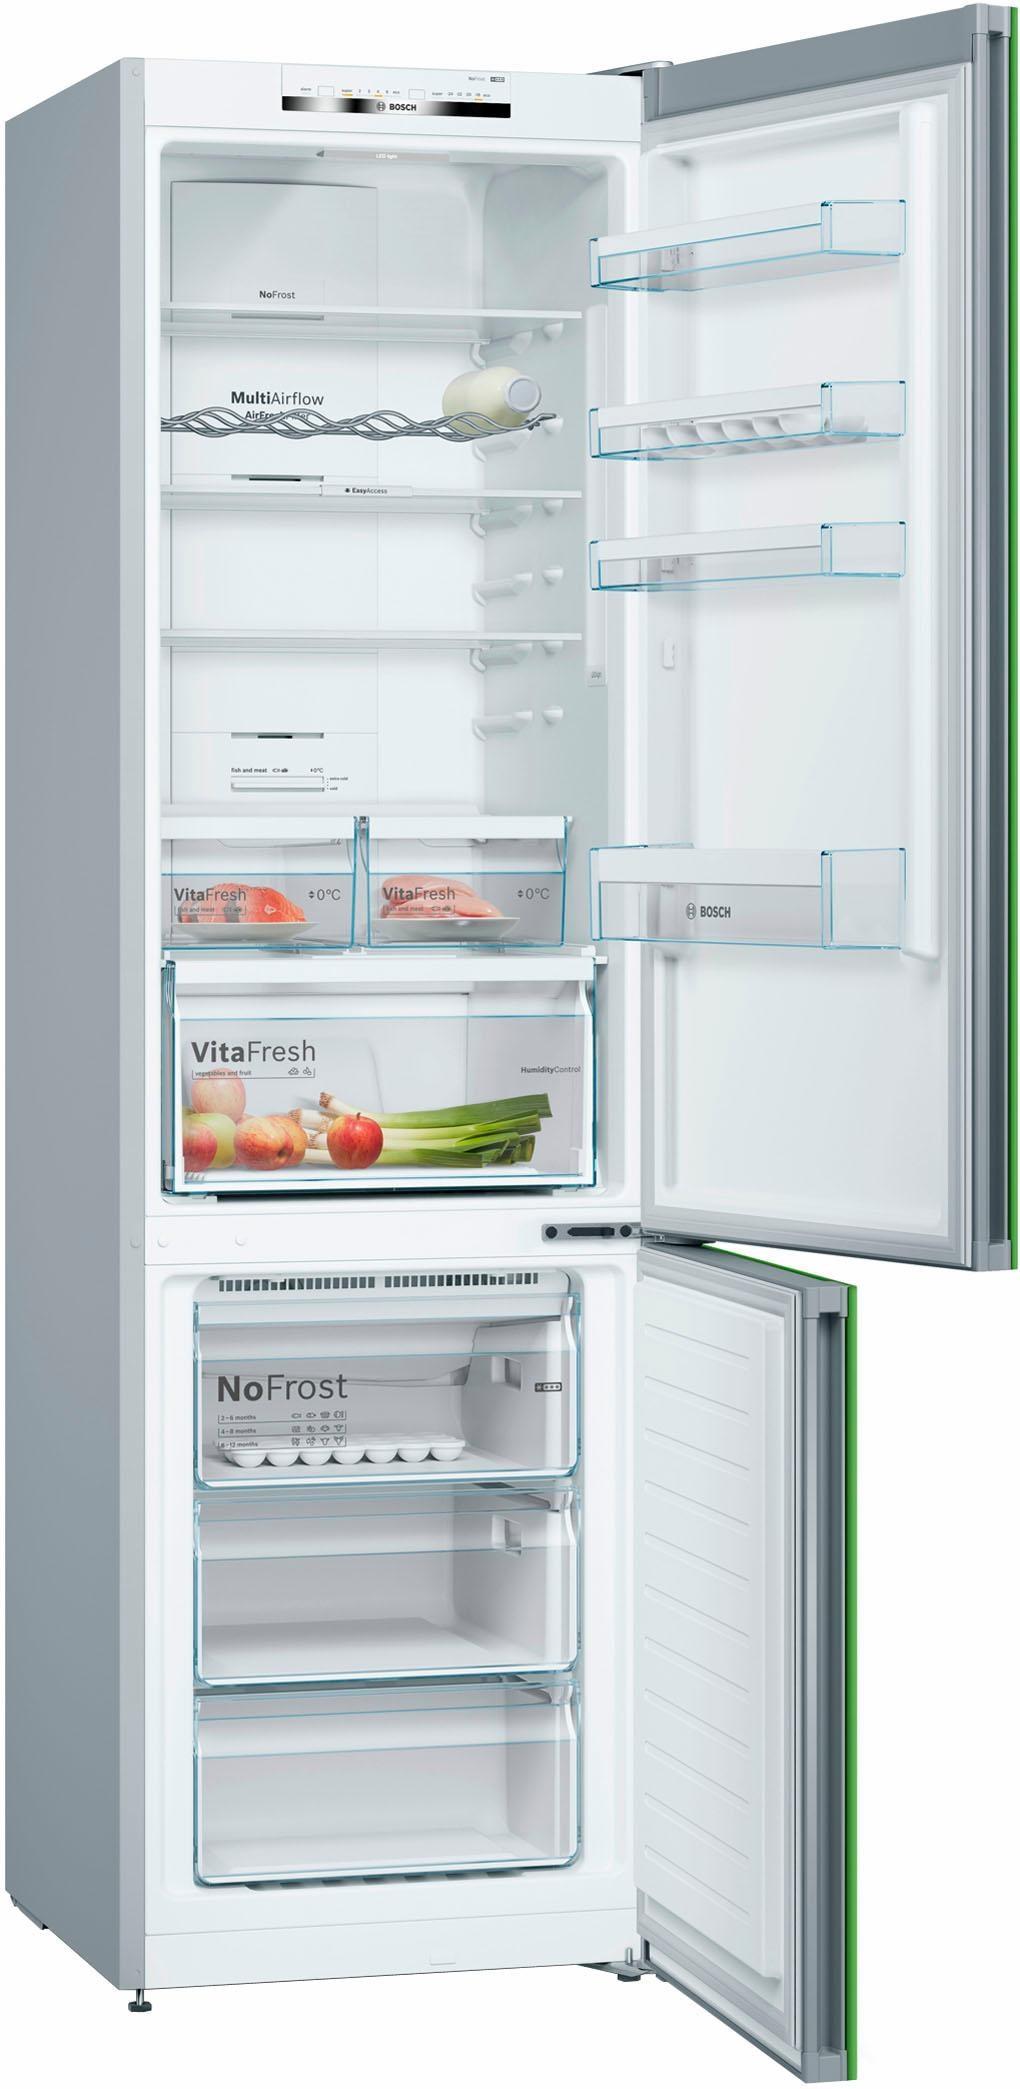 Bosch Kühlschrank Grün : Kühlschränke grün auf rechnung kaufen baur